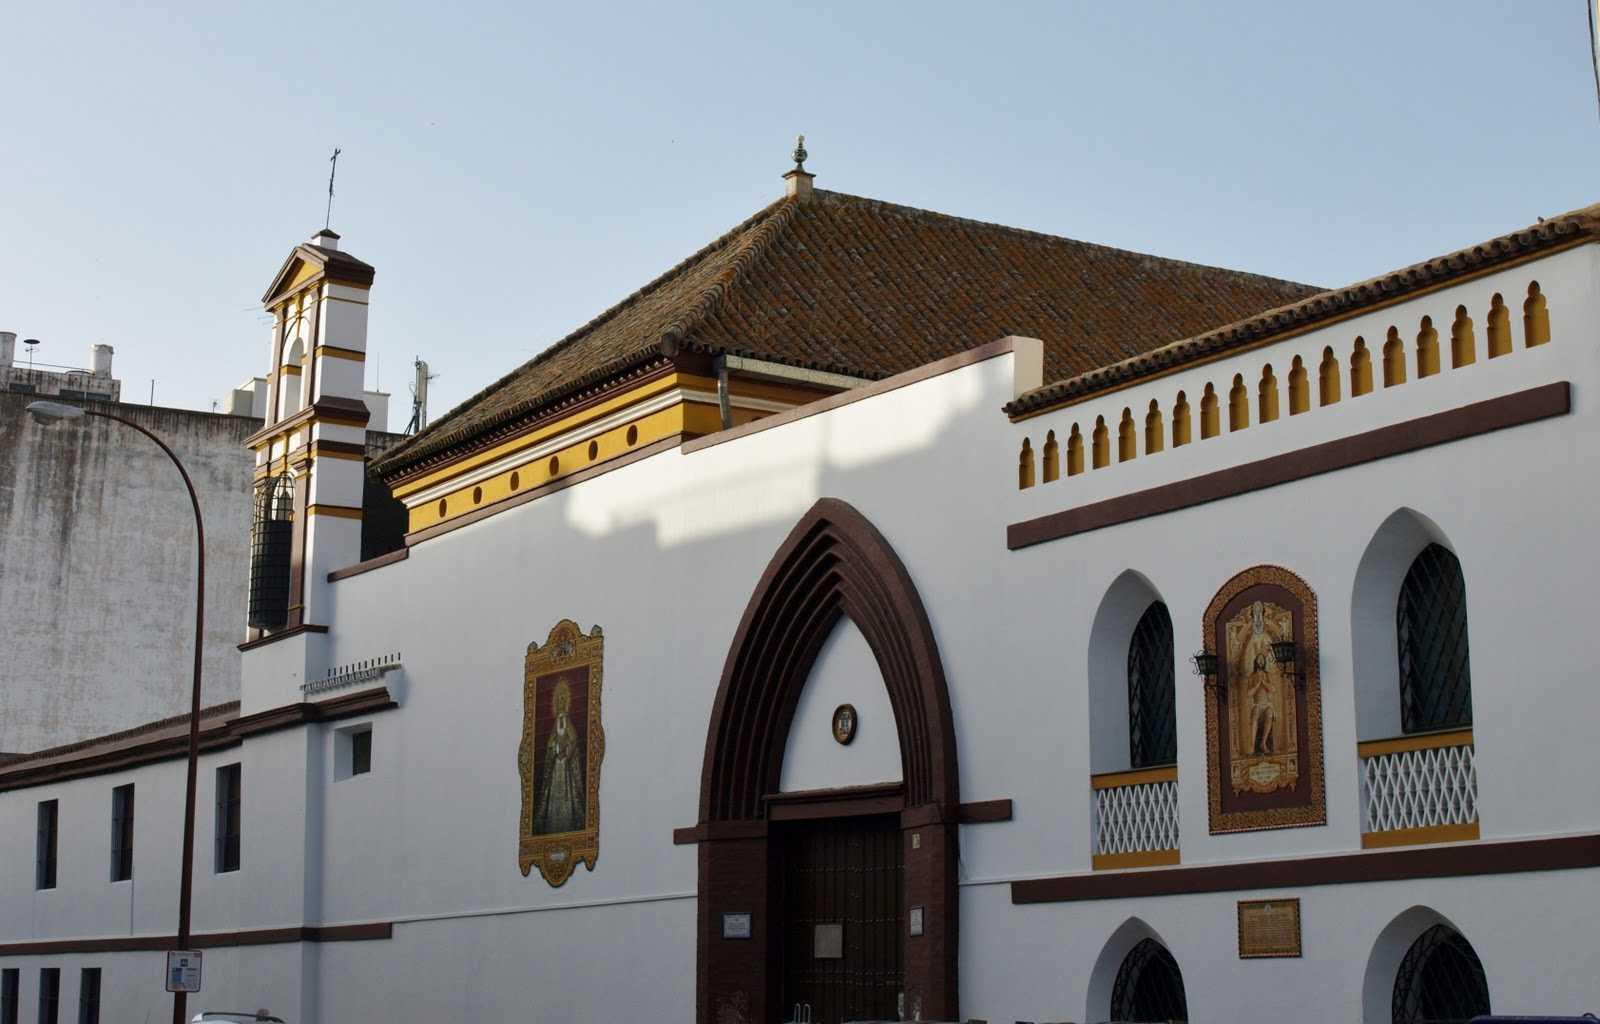 Convento de Nuestra Señora de la Consolación (Monasterio de Monjas Mínimas)